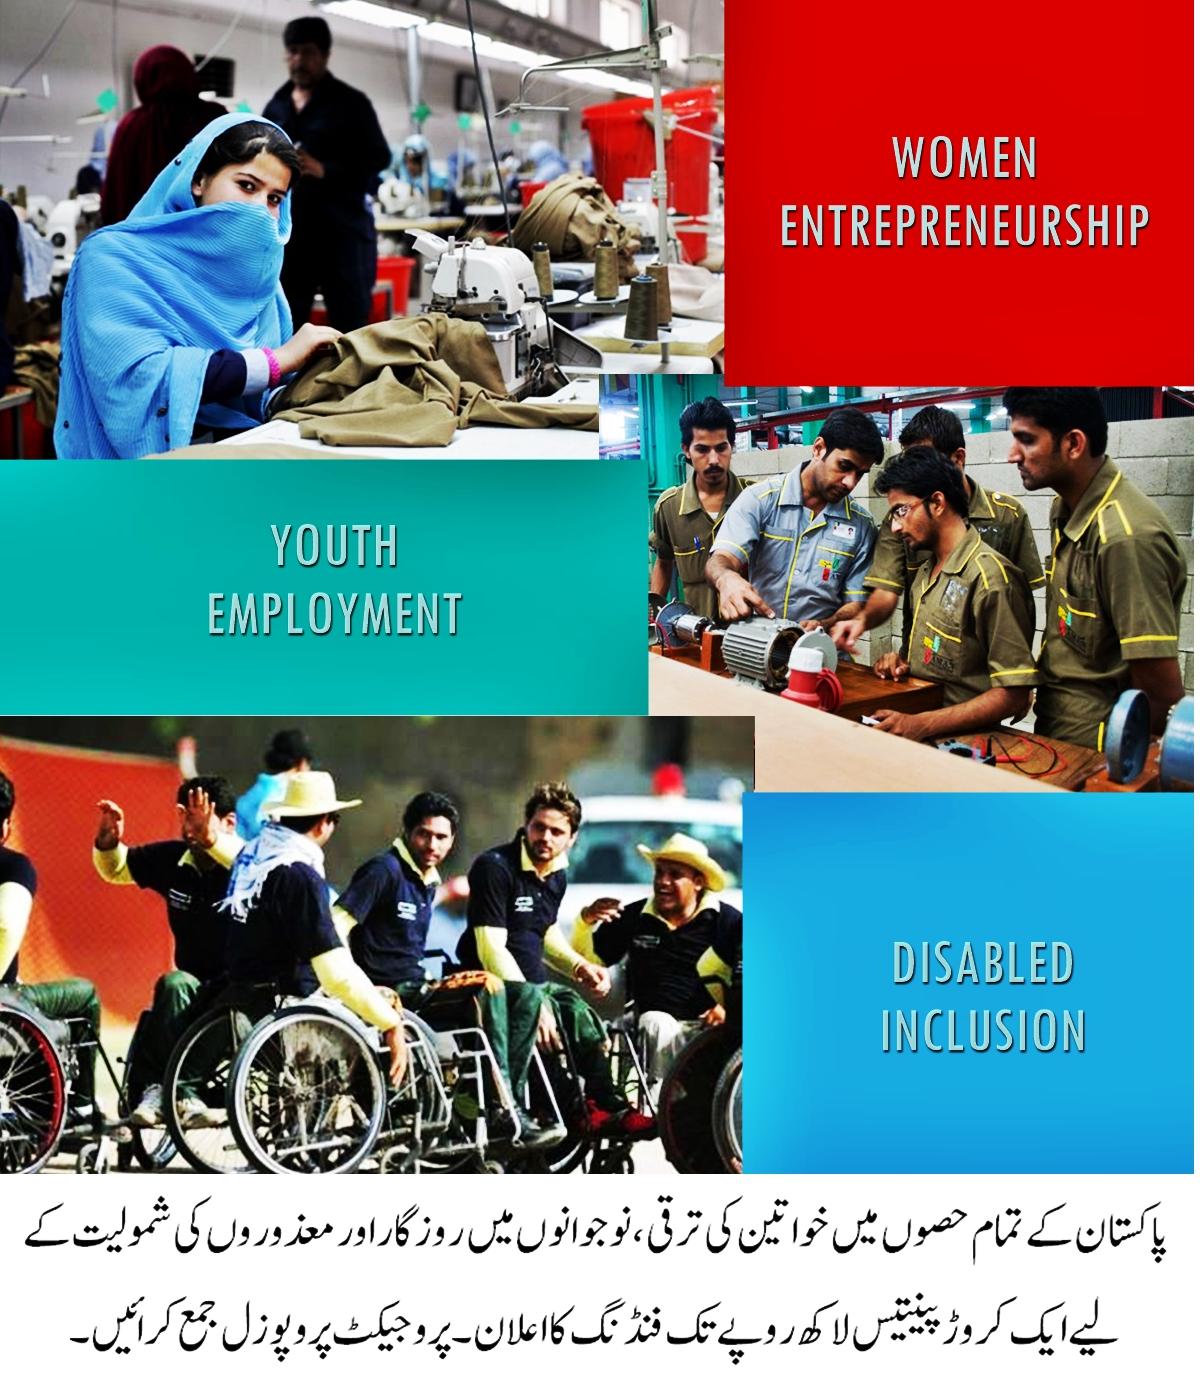 پاکستان کے تمام حصوں میں خواتین کی ترقی، نوجوانوں میں روزگار اور معذوروں کی شمولیت کے لیے ایک کروڑ پینتیس لاکھ روپے تک فنڈنگ  کا اعلان۔ پروجیکٹ پروپوزل جمع کرائیں۔